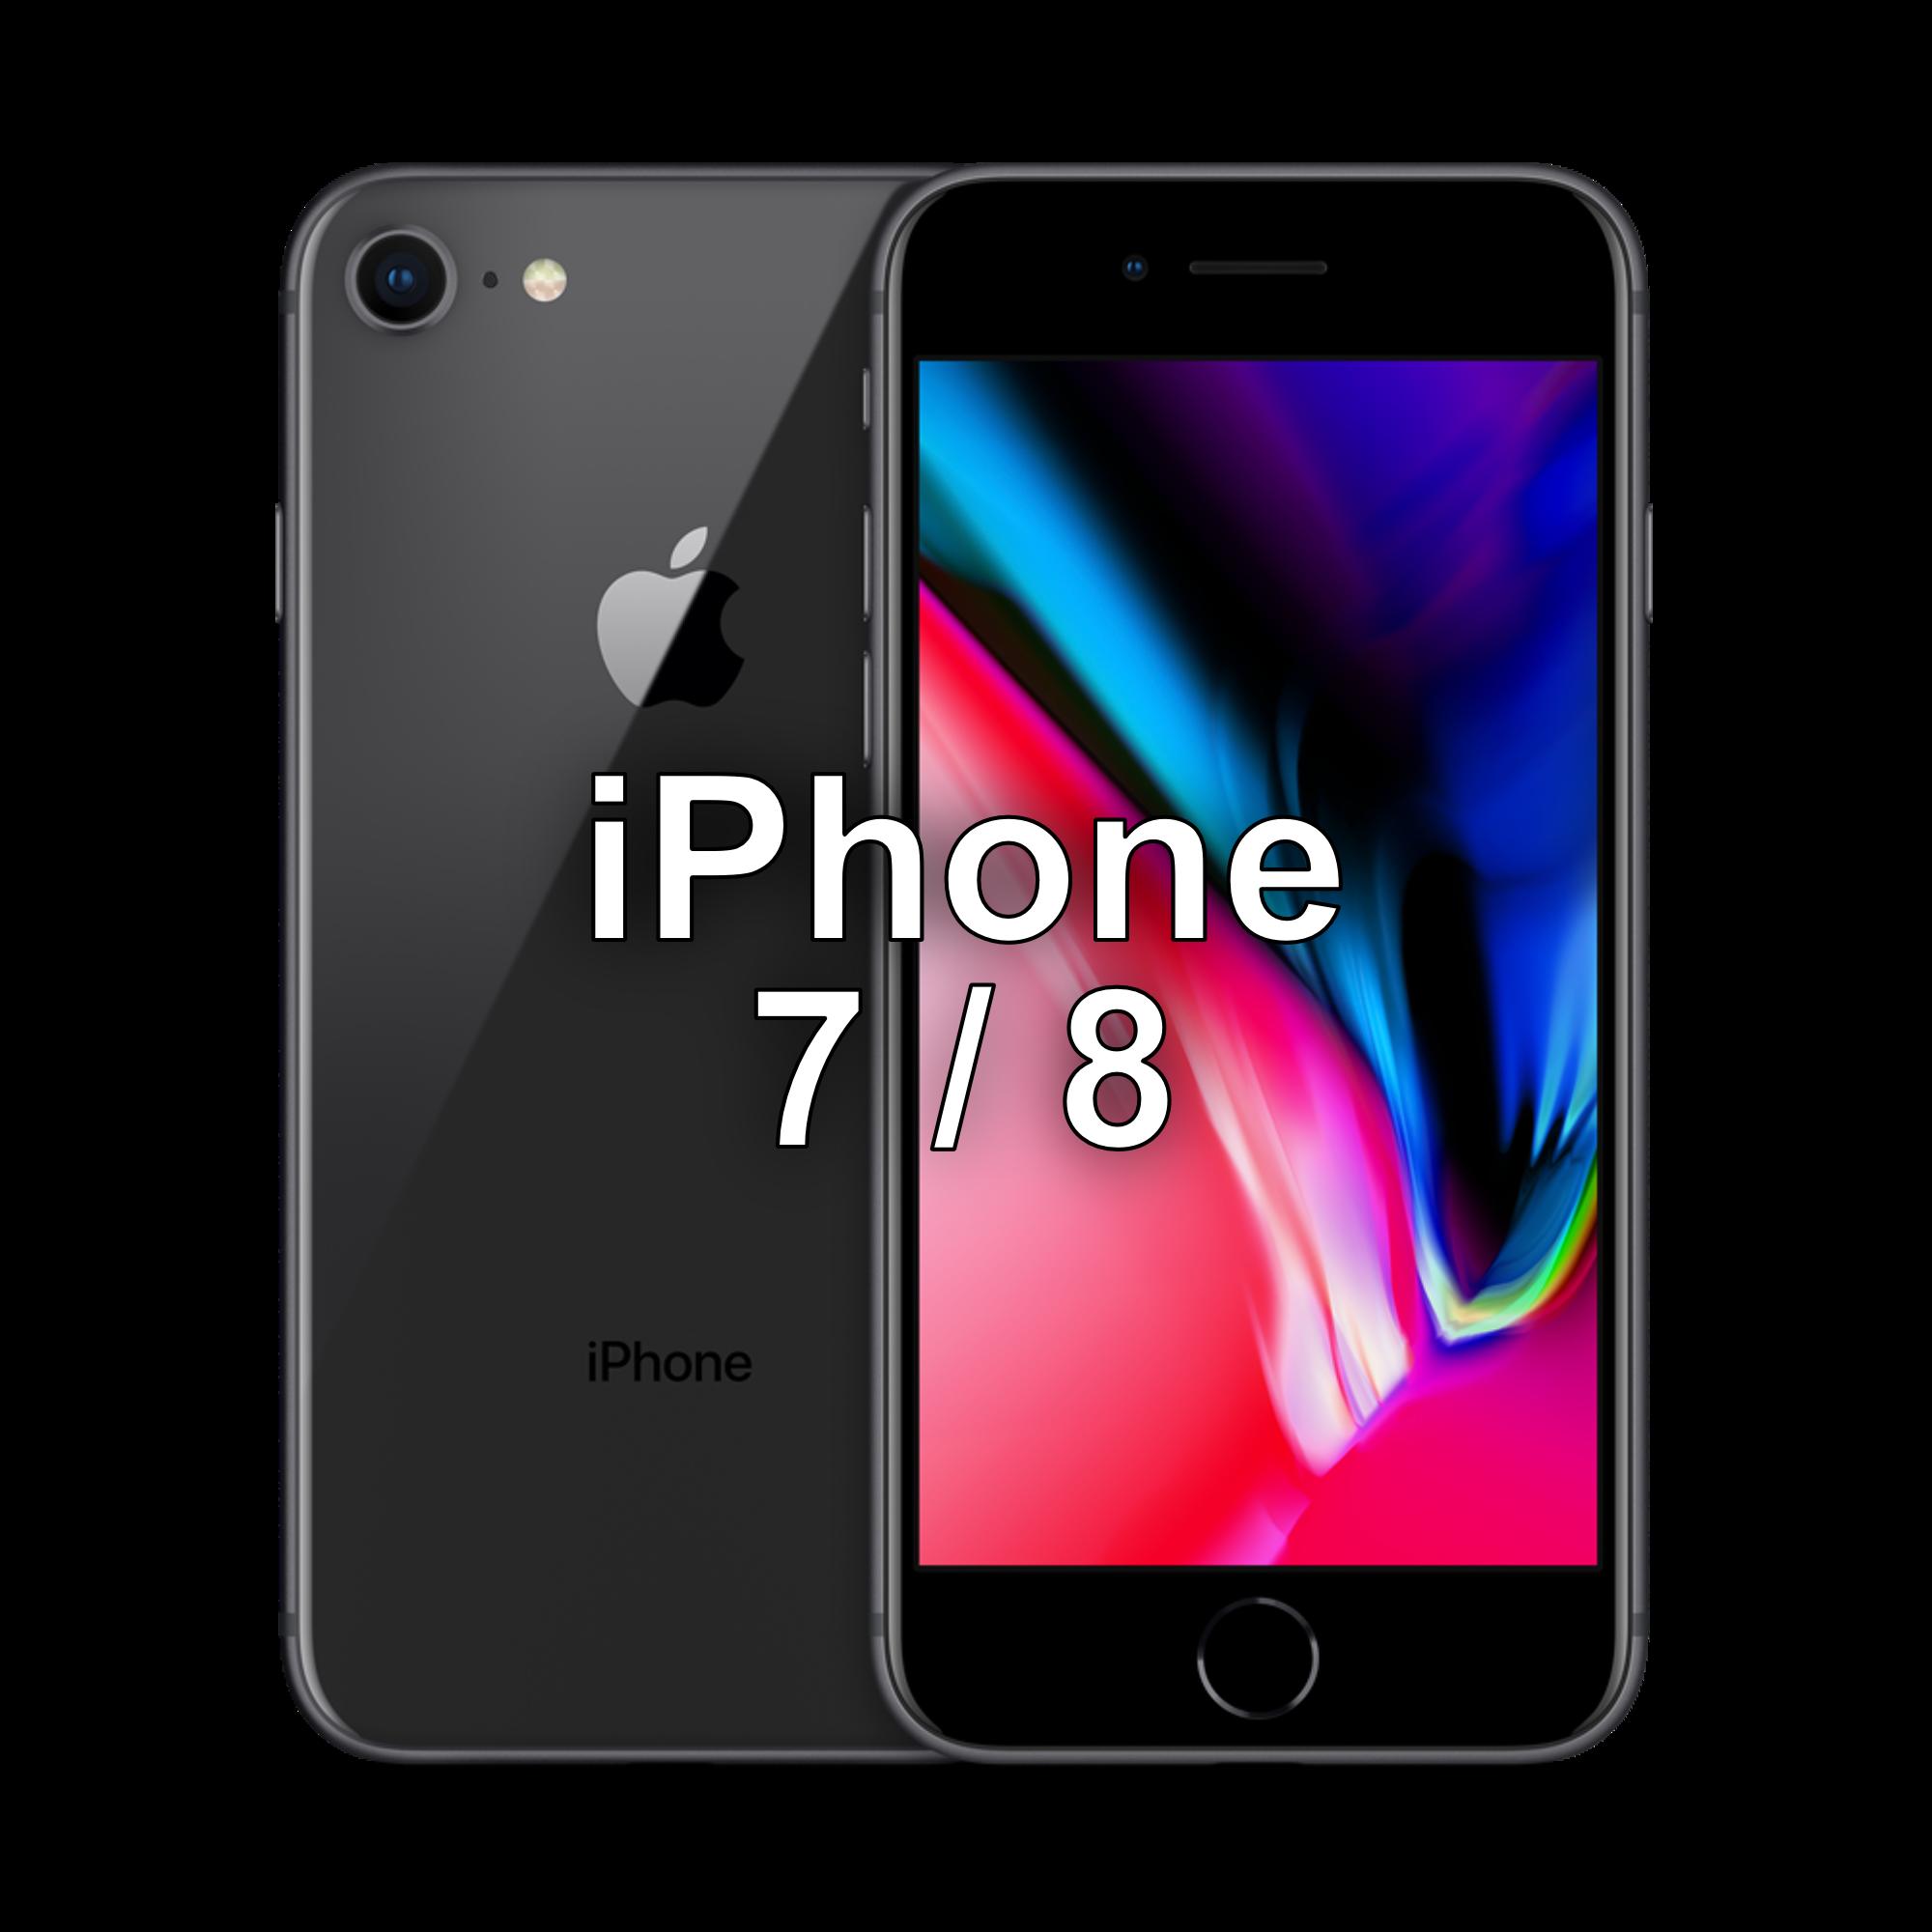 iPhone 7, 8, SE Screen Repair